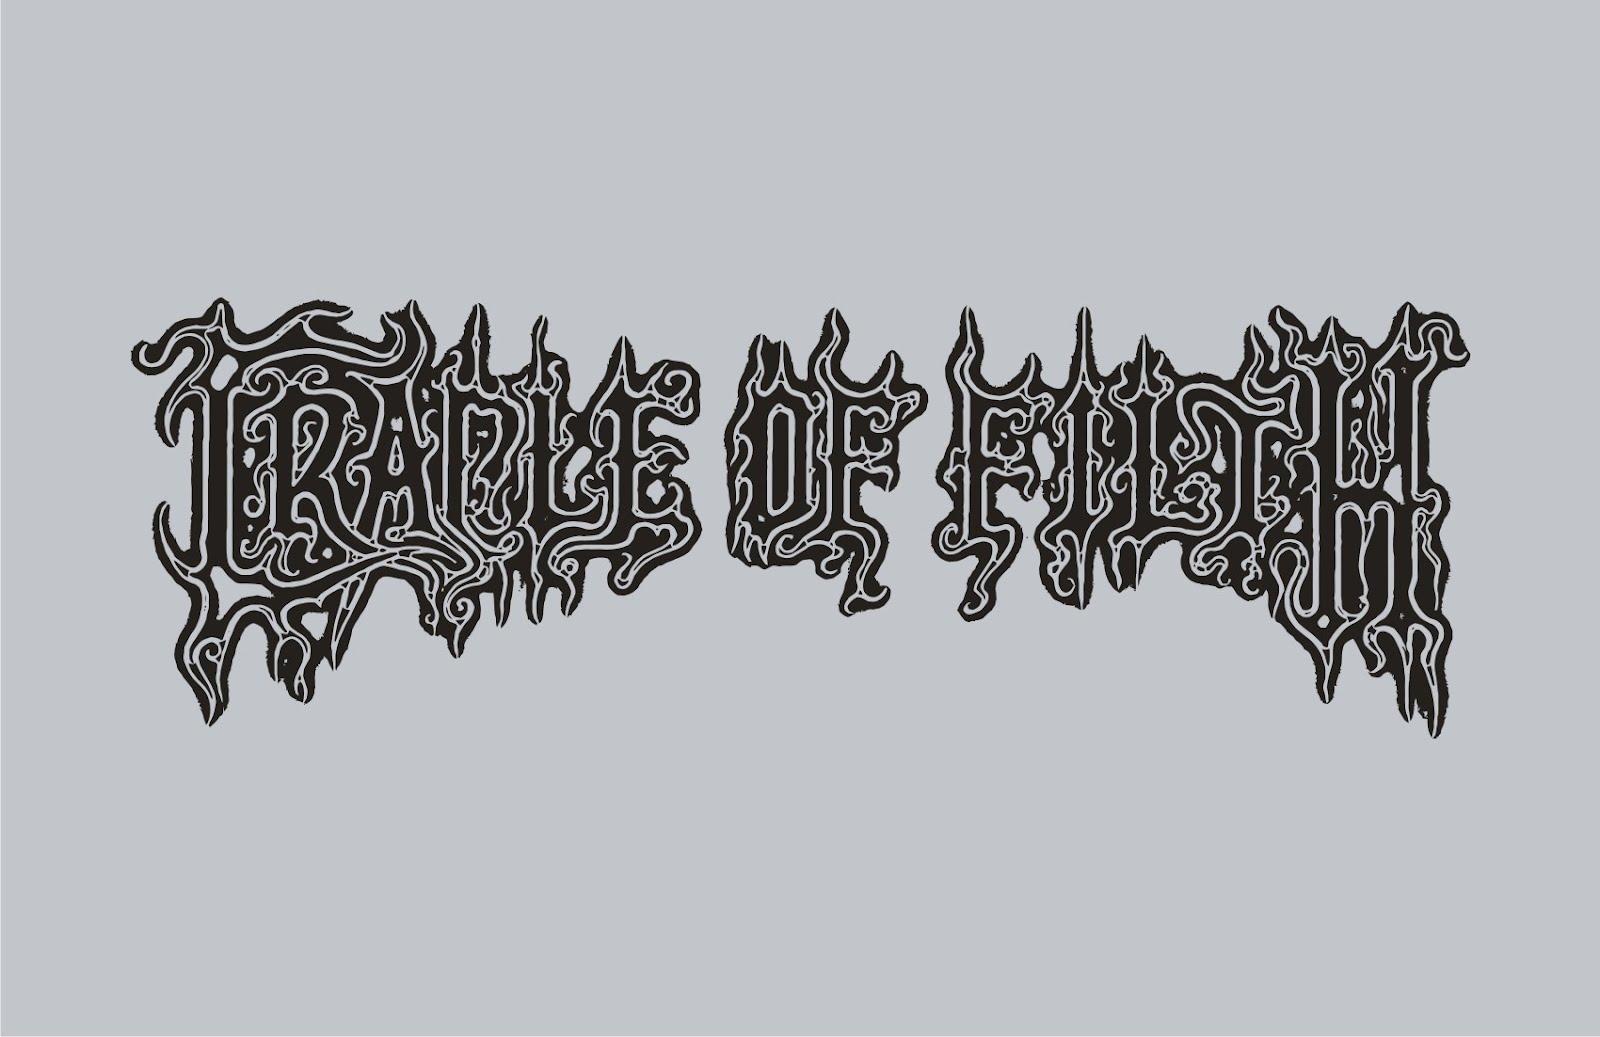 cradle_of_filth-dany_filth_portrait_back_vector